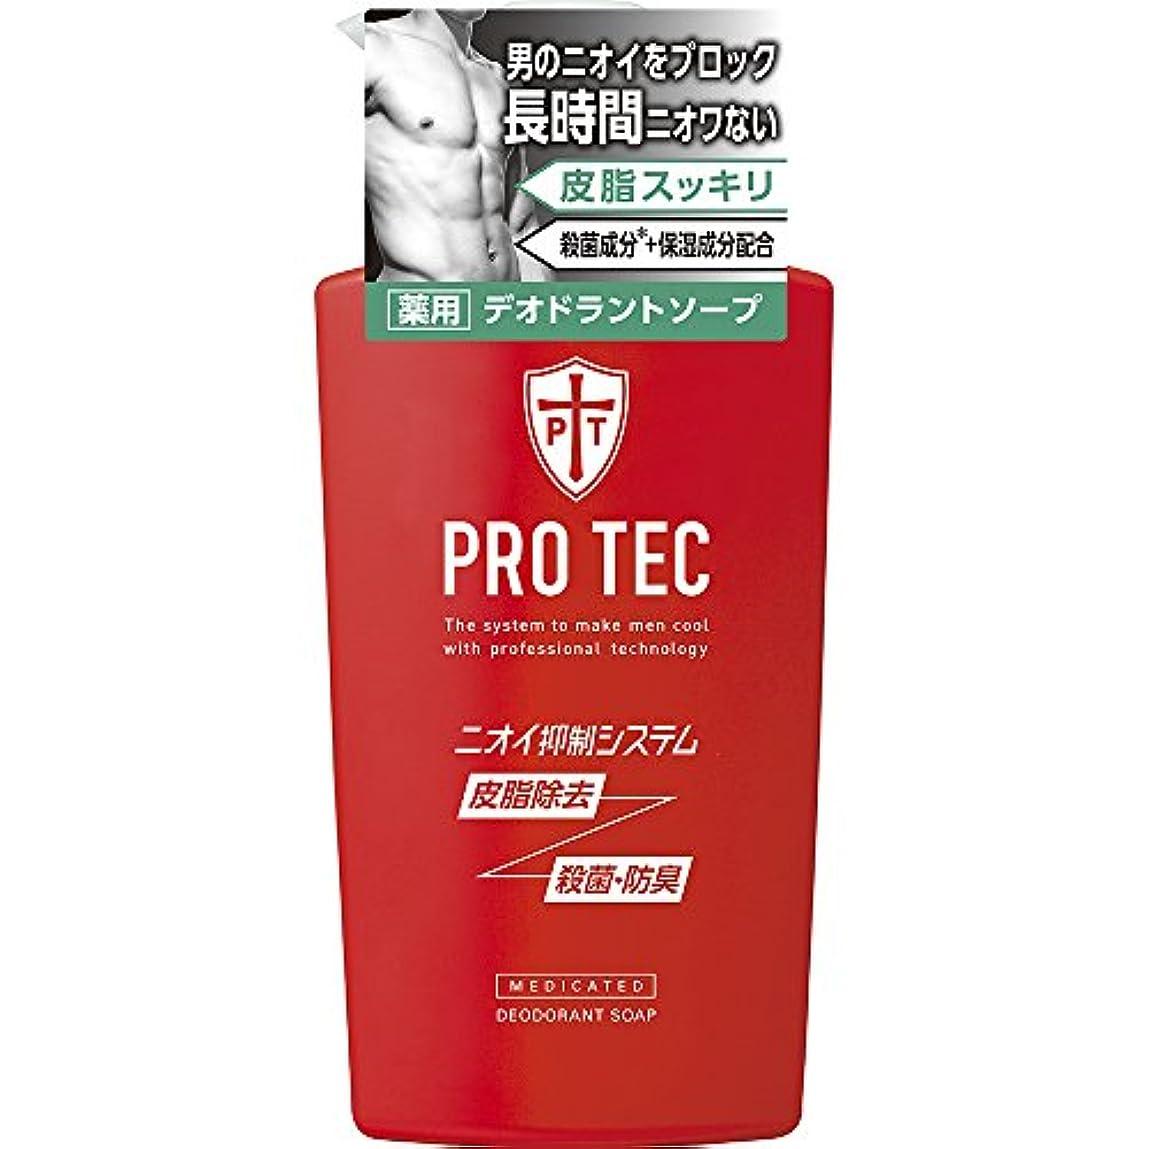 何よりもミネラル王子PRO TEC(プロテク) デオドラントソープ 本体ポンプ 420ml